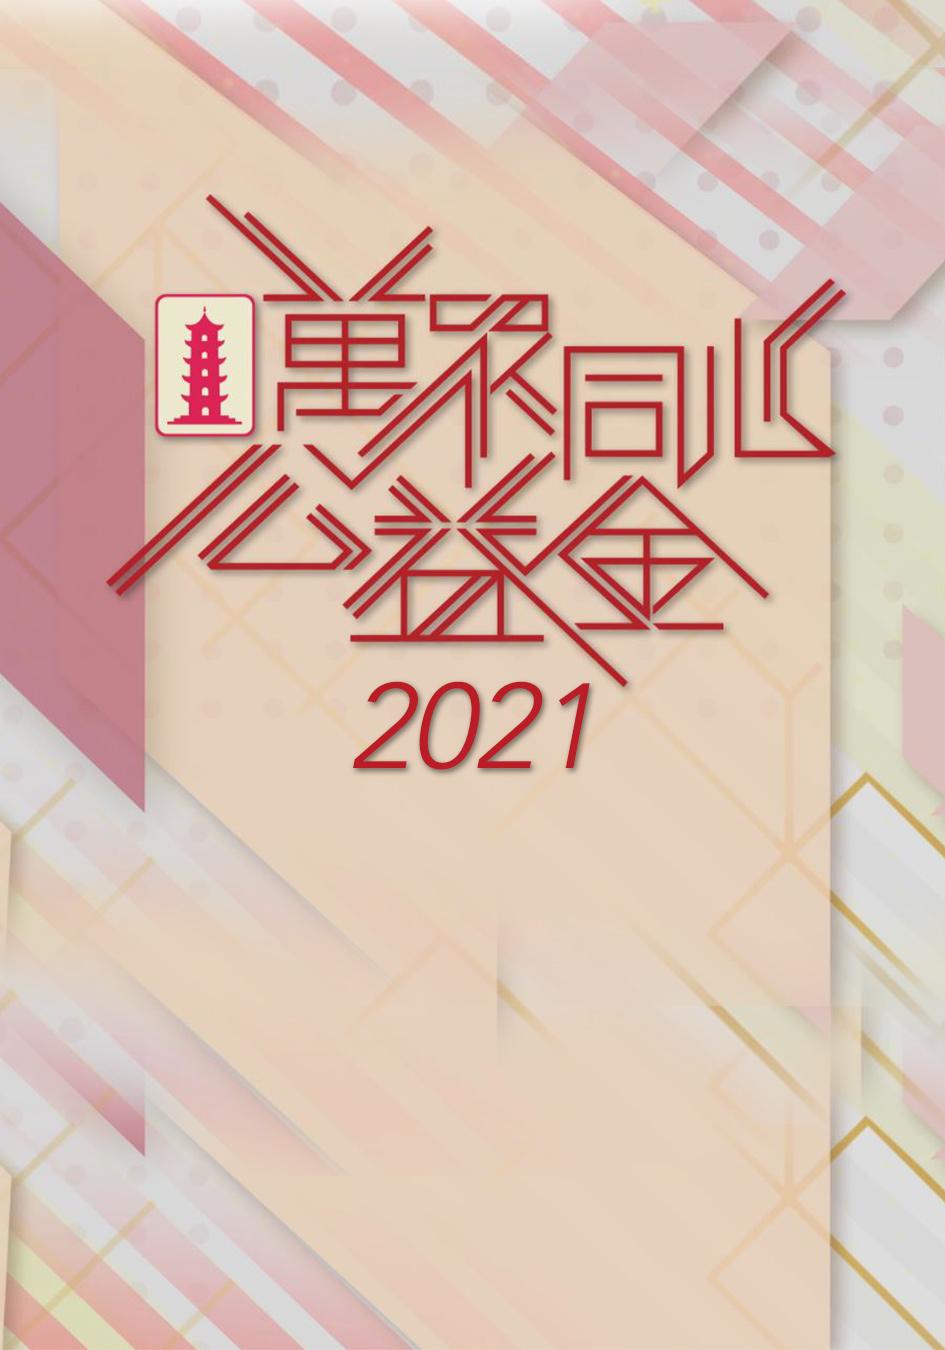 萬眾同心公益金 2021-Community Chest Charity Show 2021